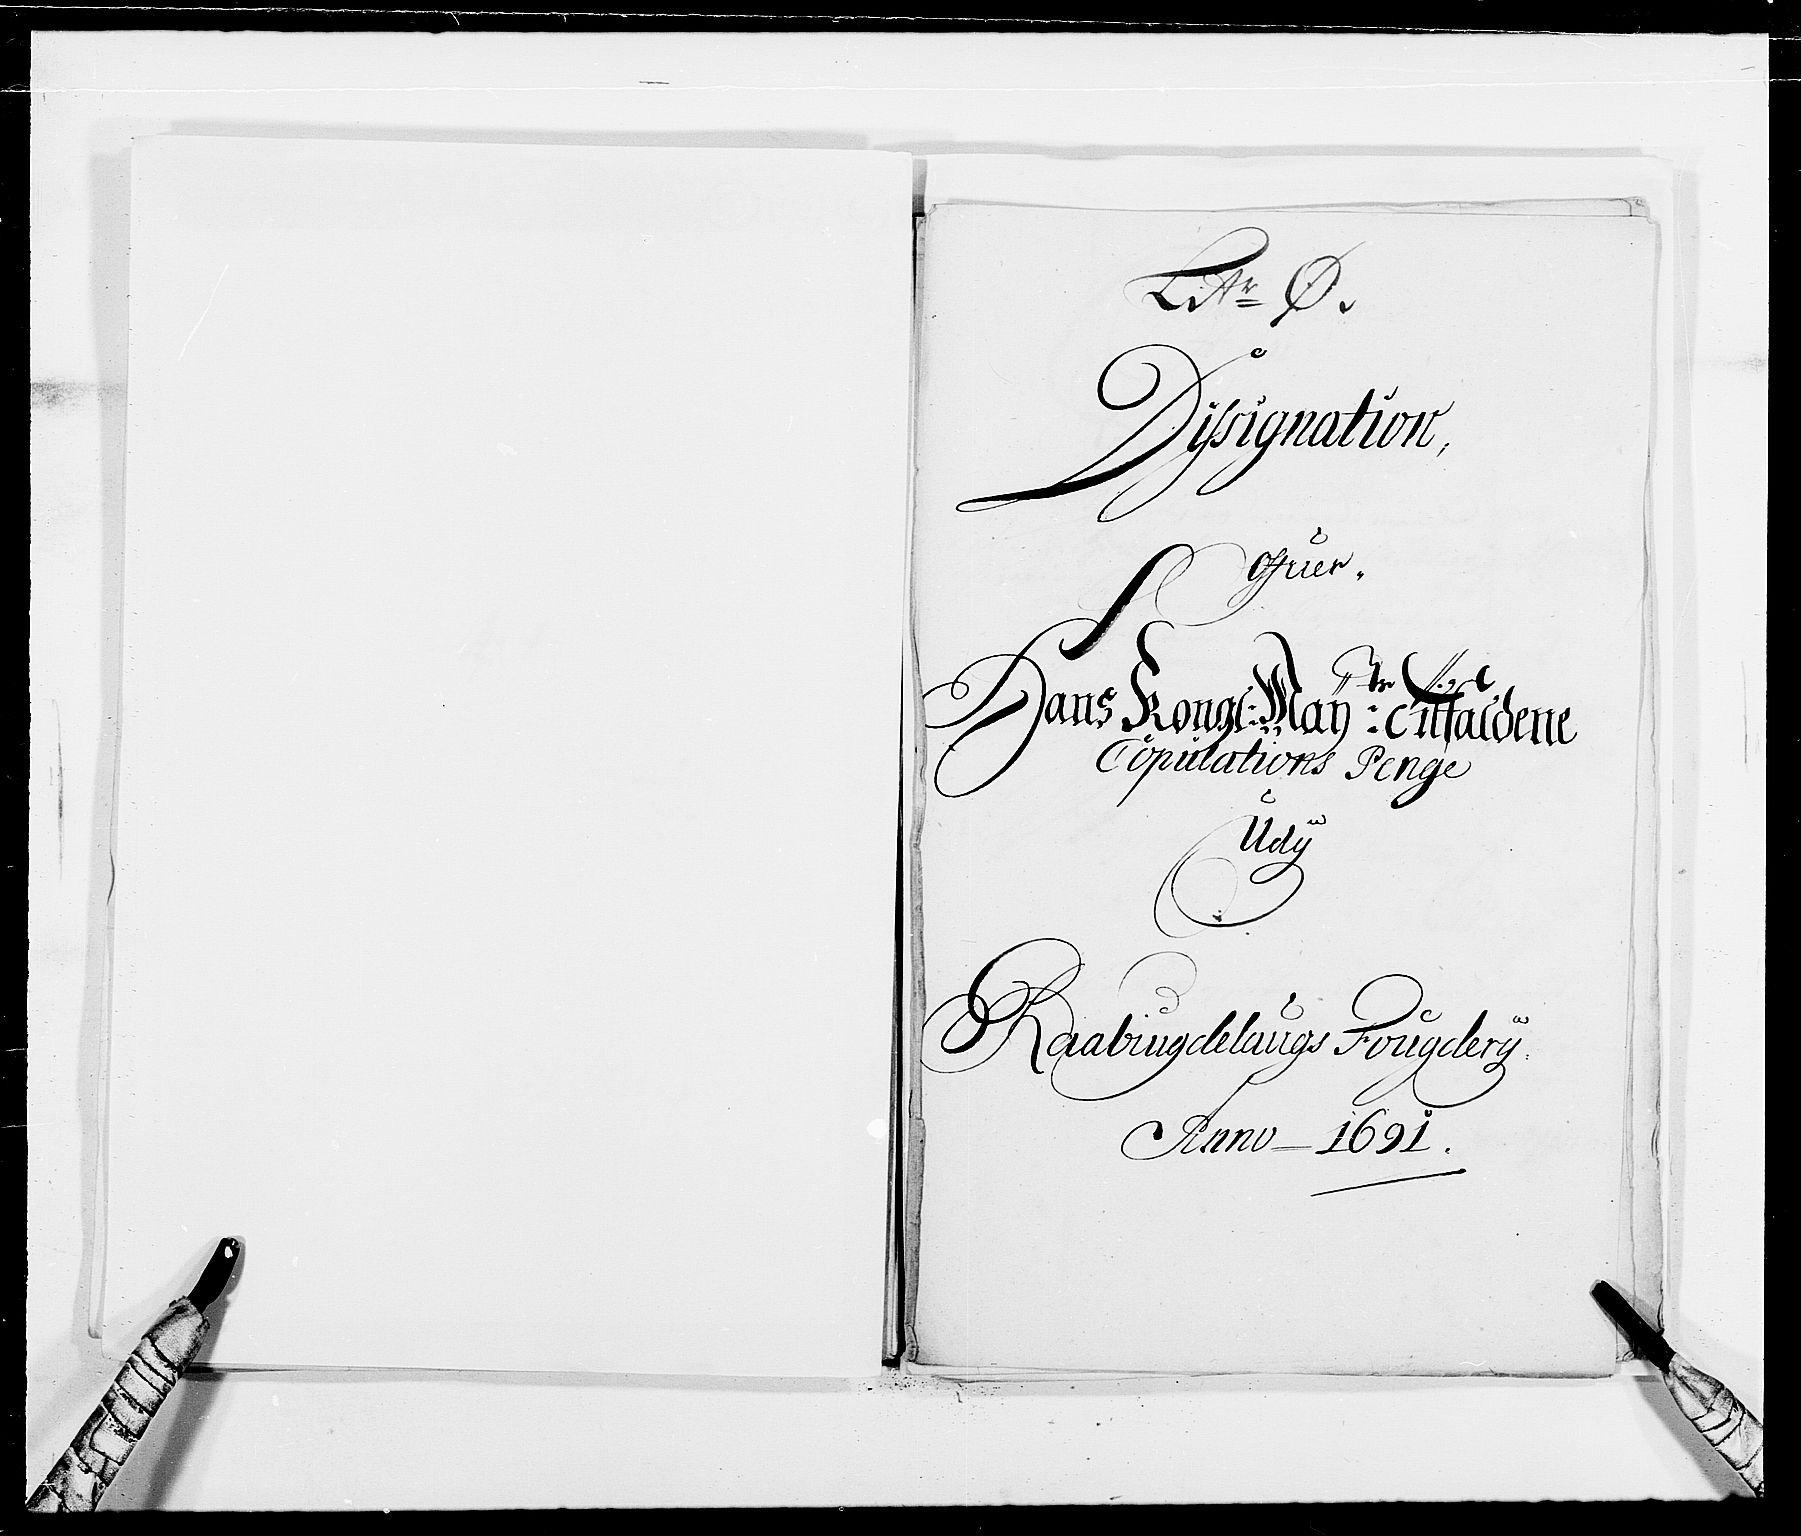 RA, Rentekammeret inntil 1814, Reviderte regnskaper, Fogderegnskap, R40/L2443: Fogderegnskap Råbyggelag, 1691-1692, s. 66